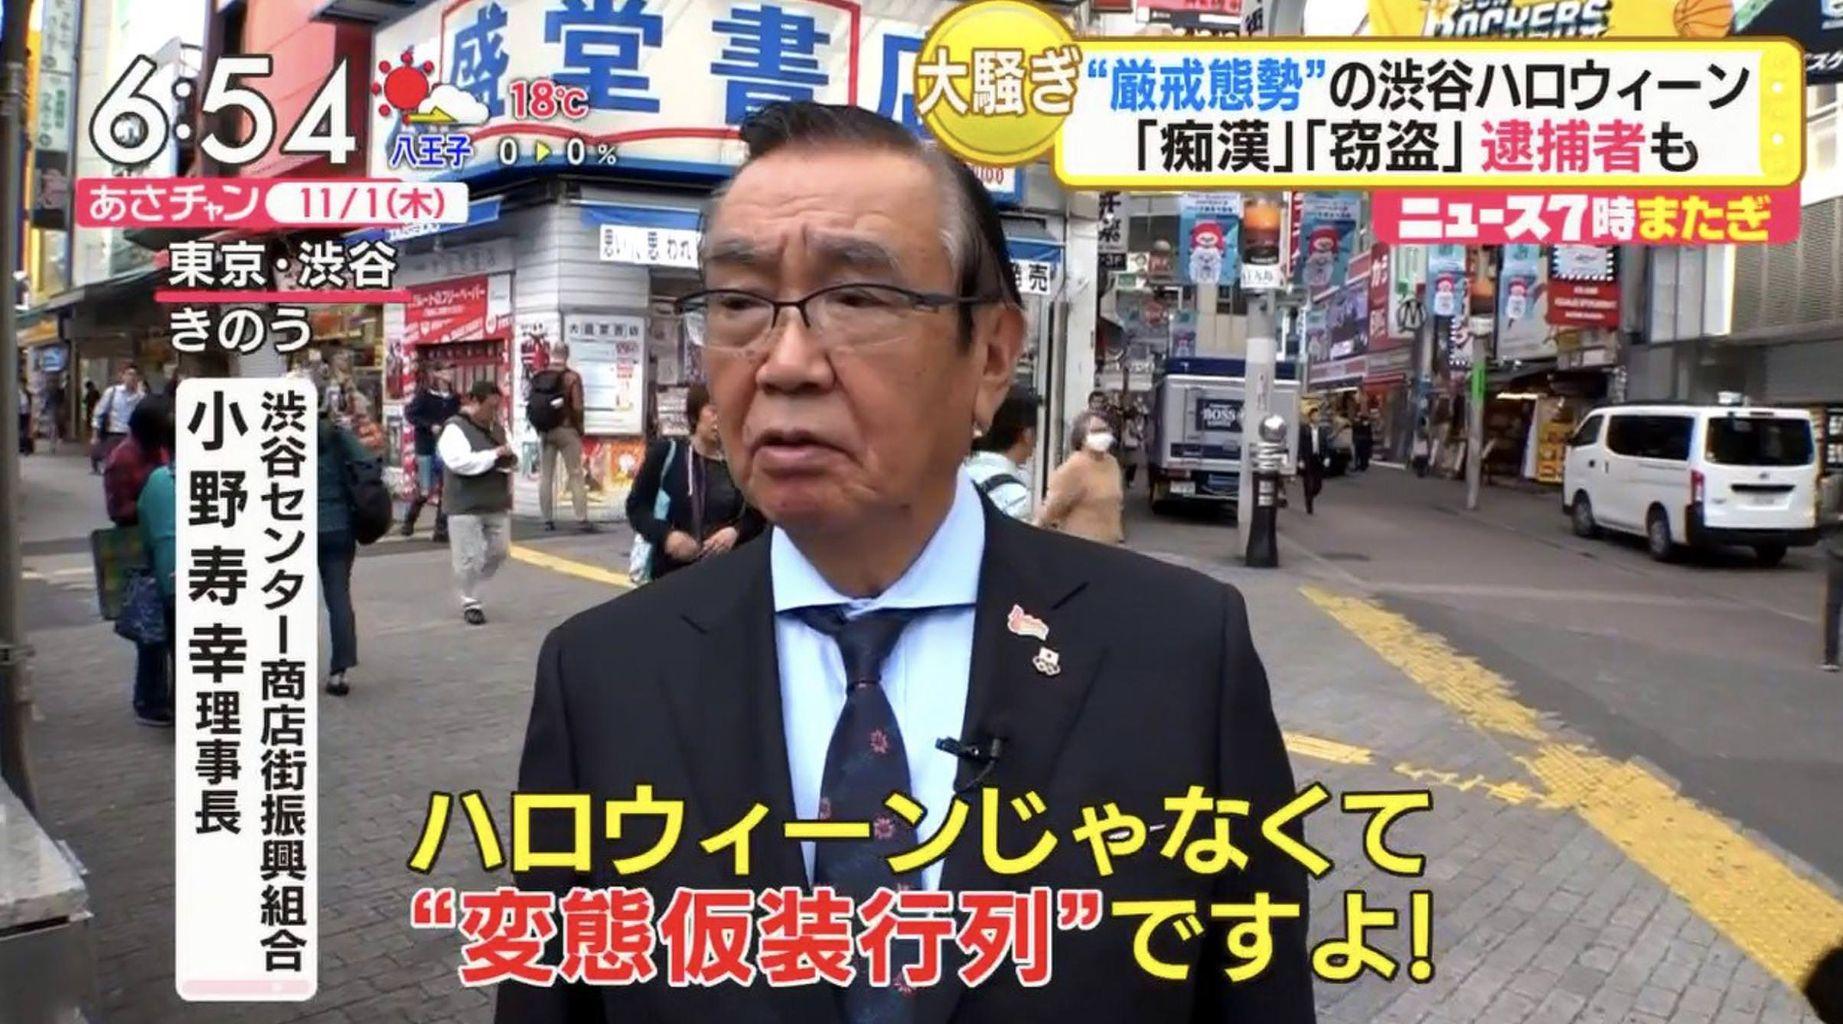 【画像】東京・渋谷のおじさん、ハロウィンについて正論を言う